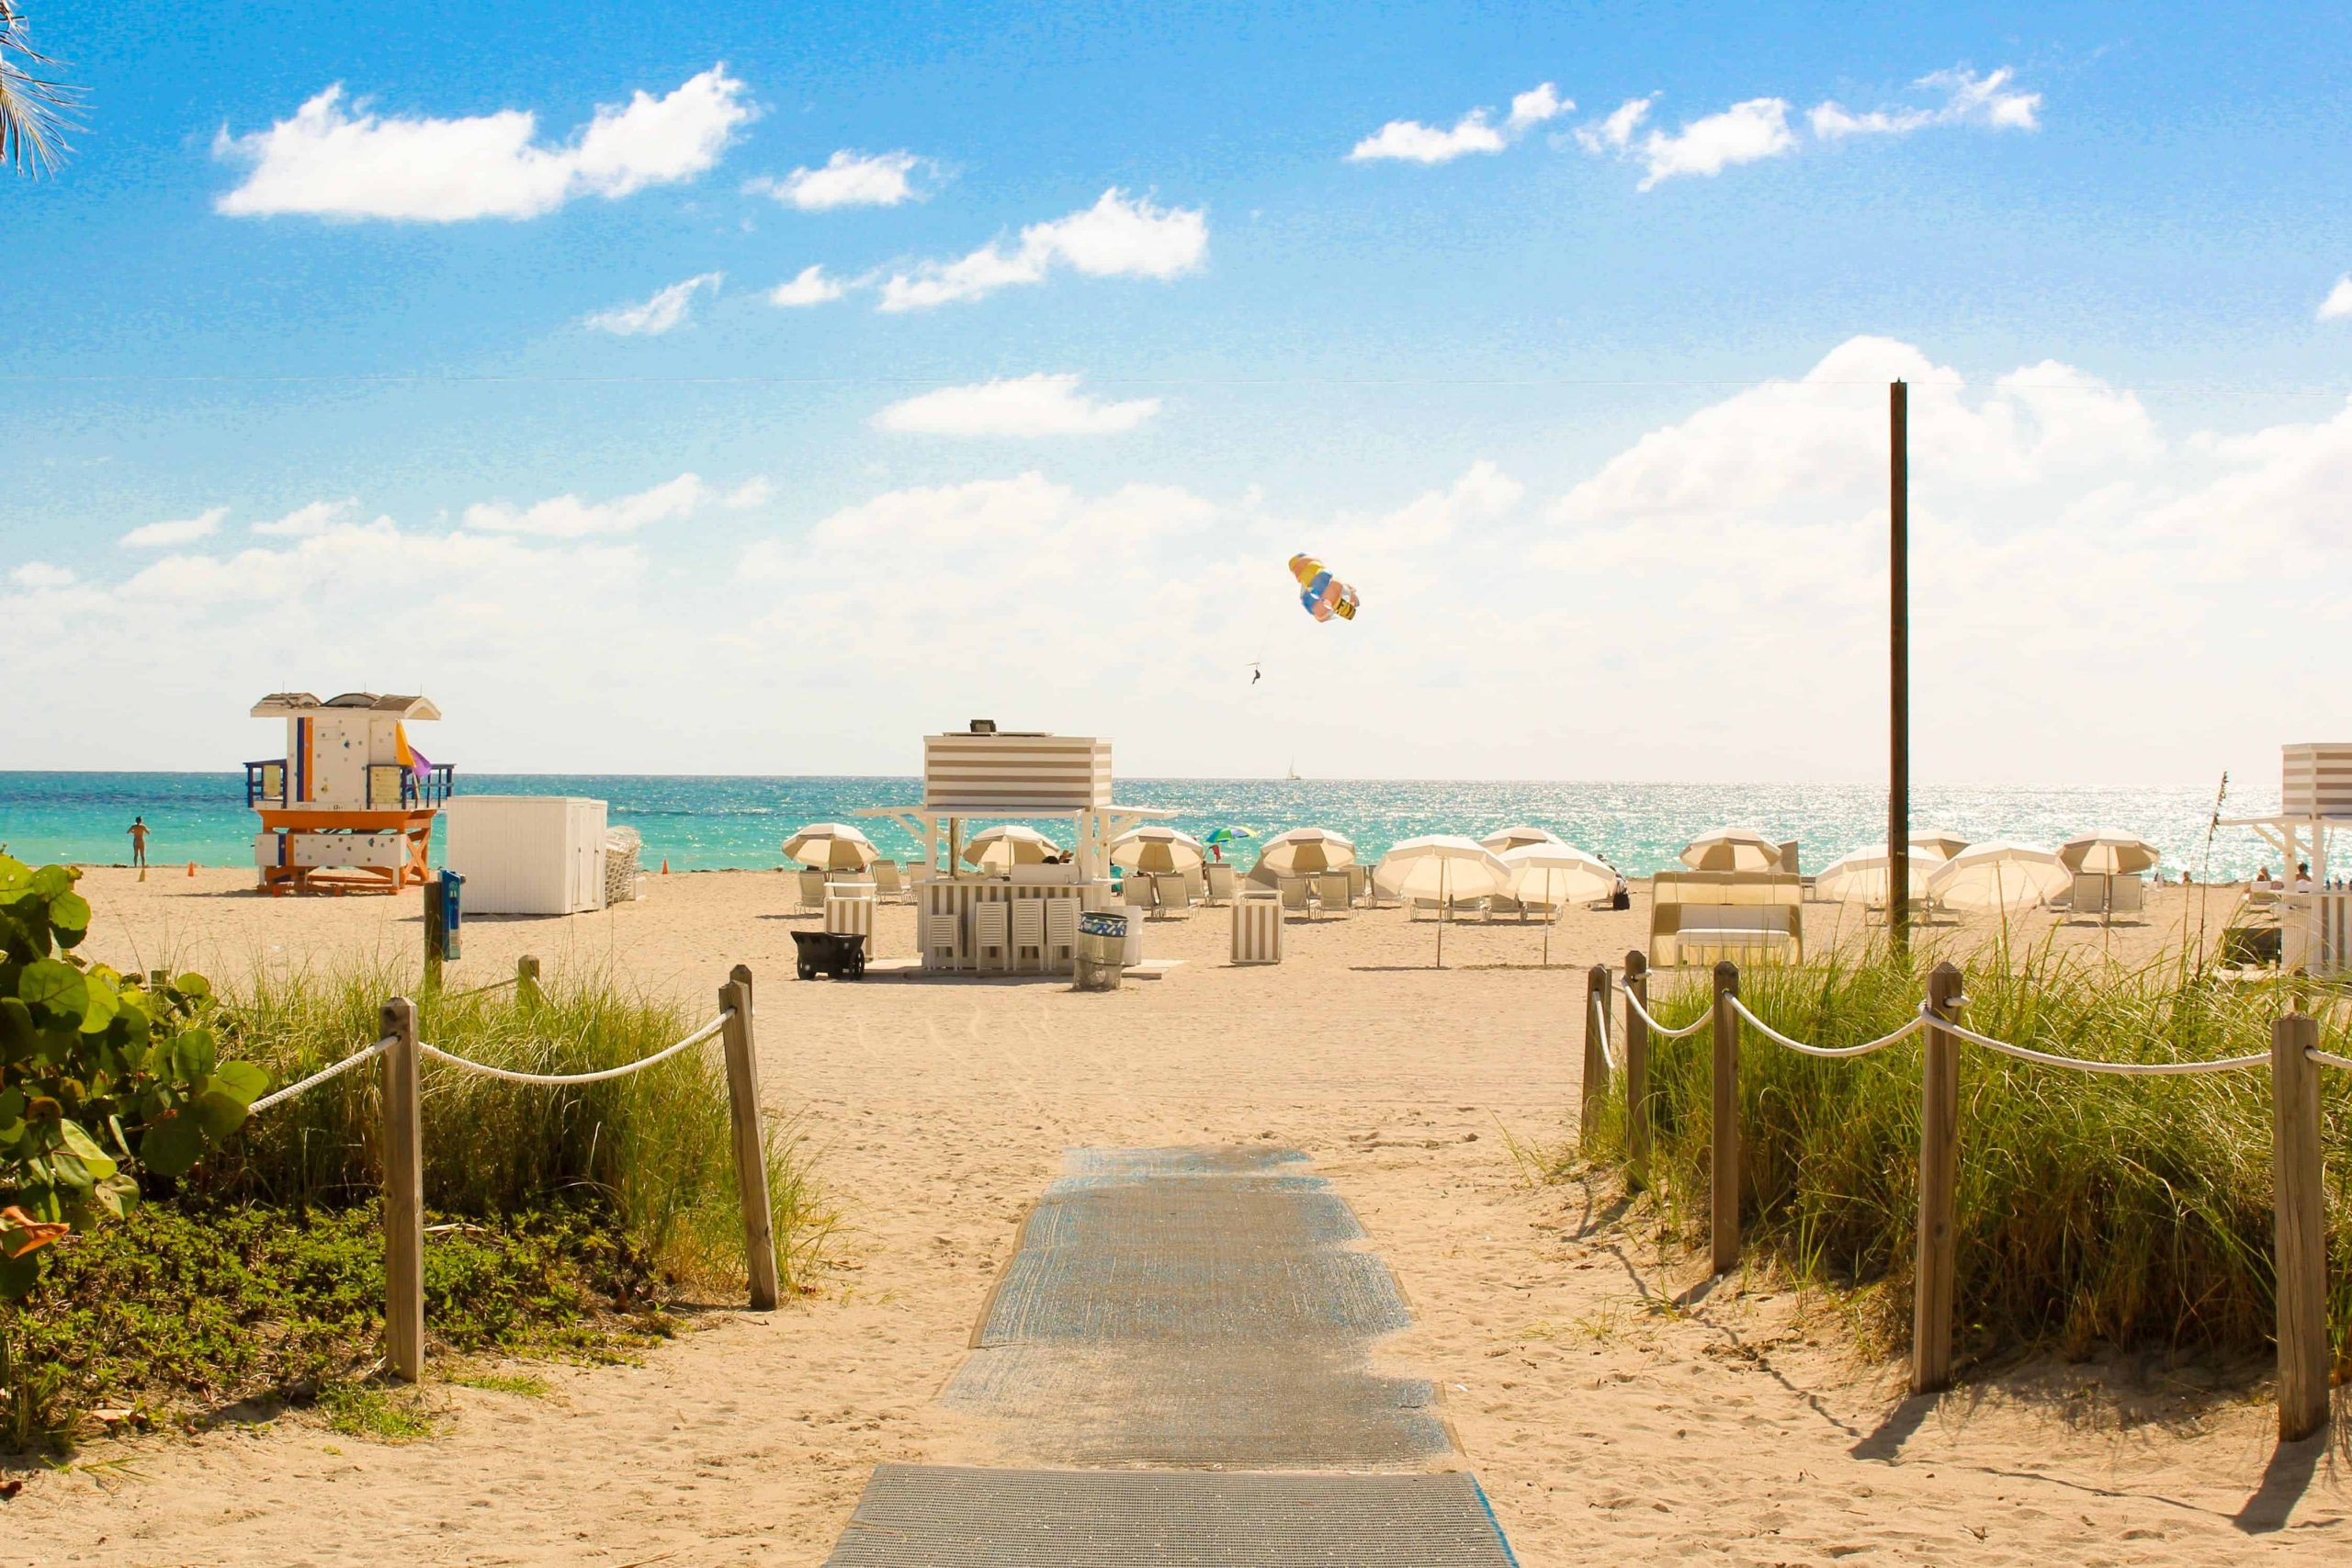 Les 12 différentes régions côtières de la Floride à visiter pour une escapade (partie 1 de 4)